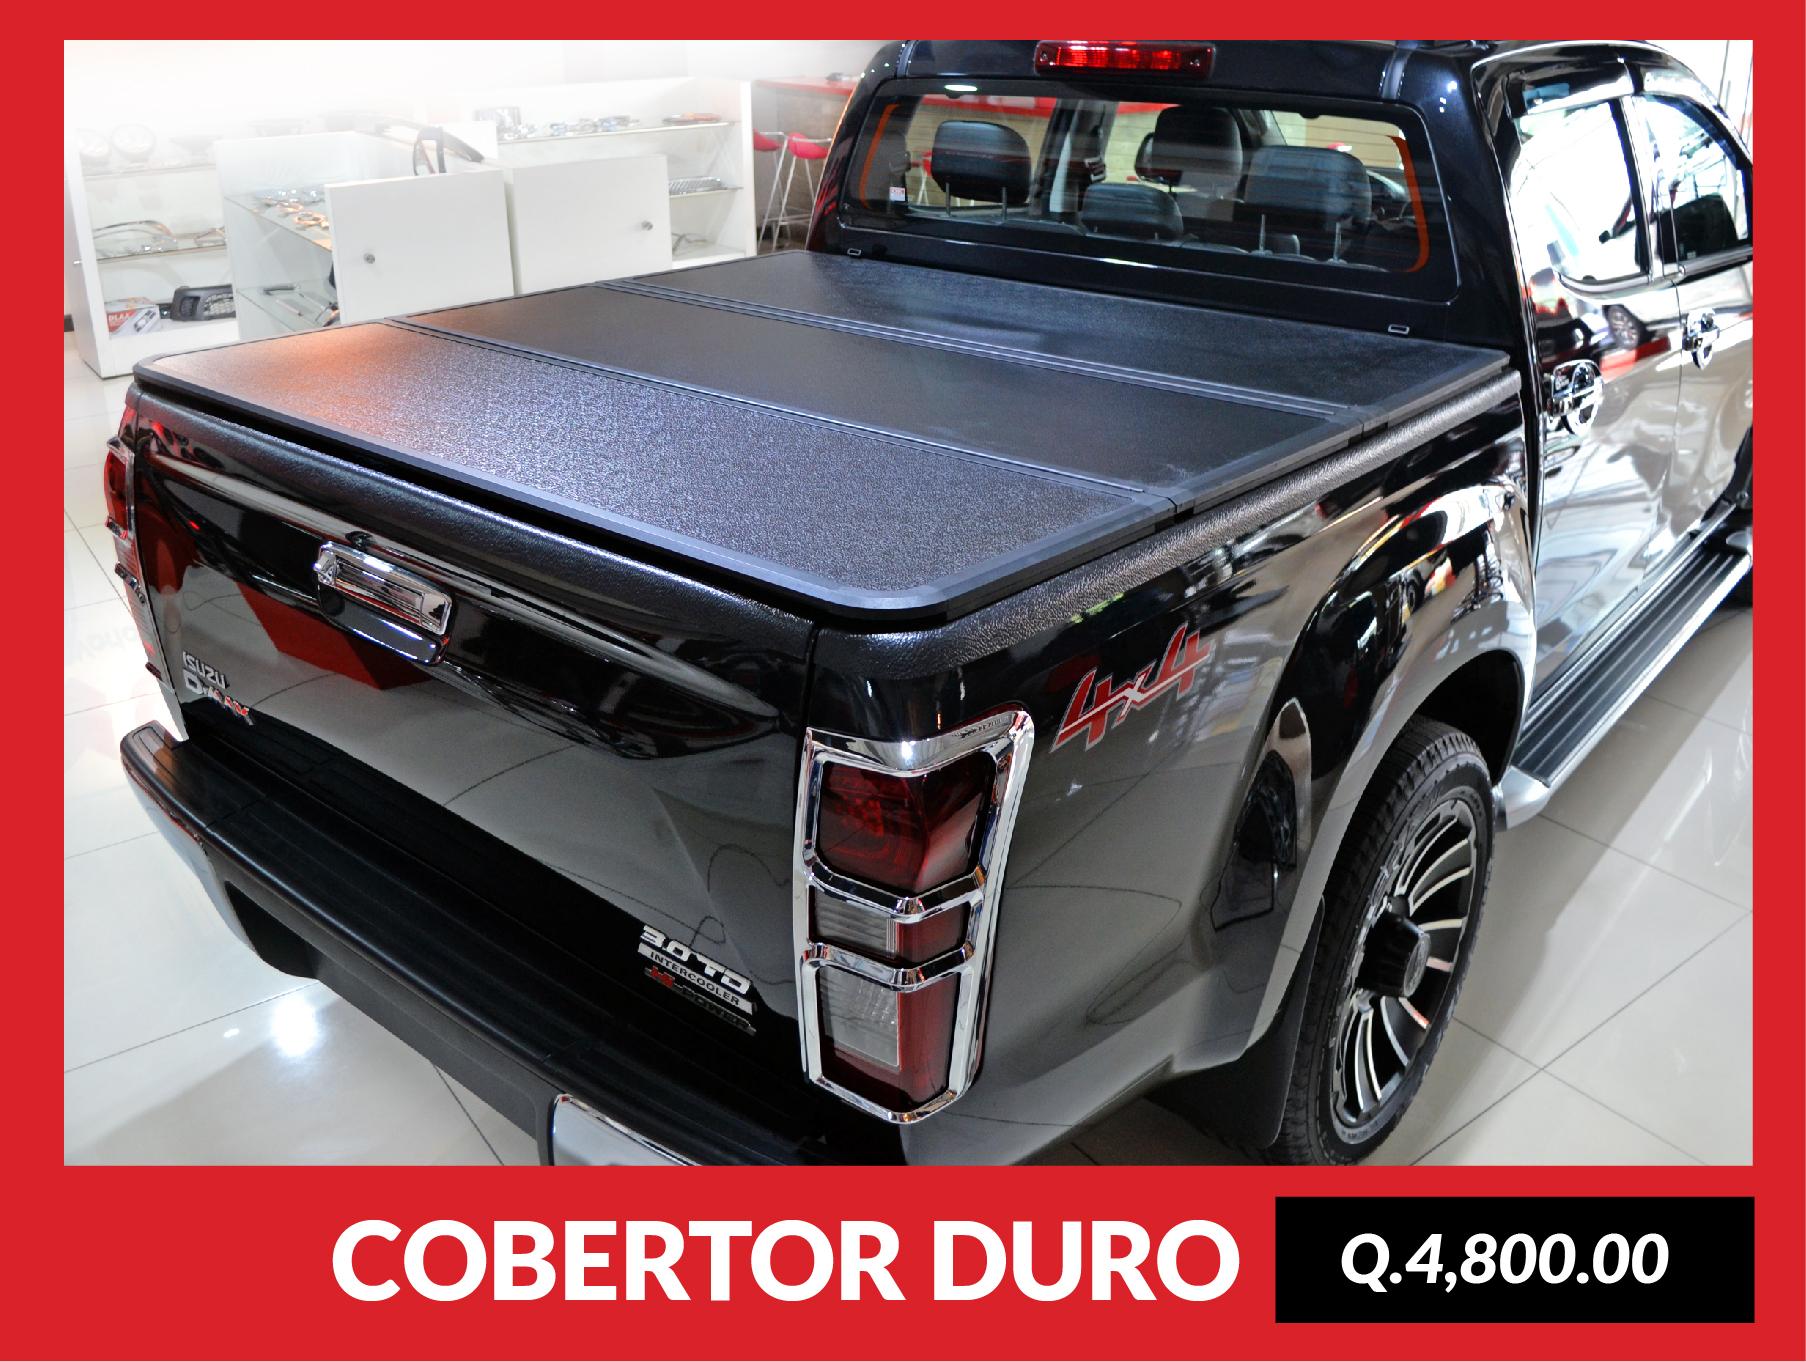 COBERTOR DURO